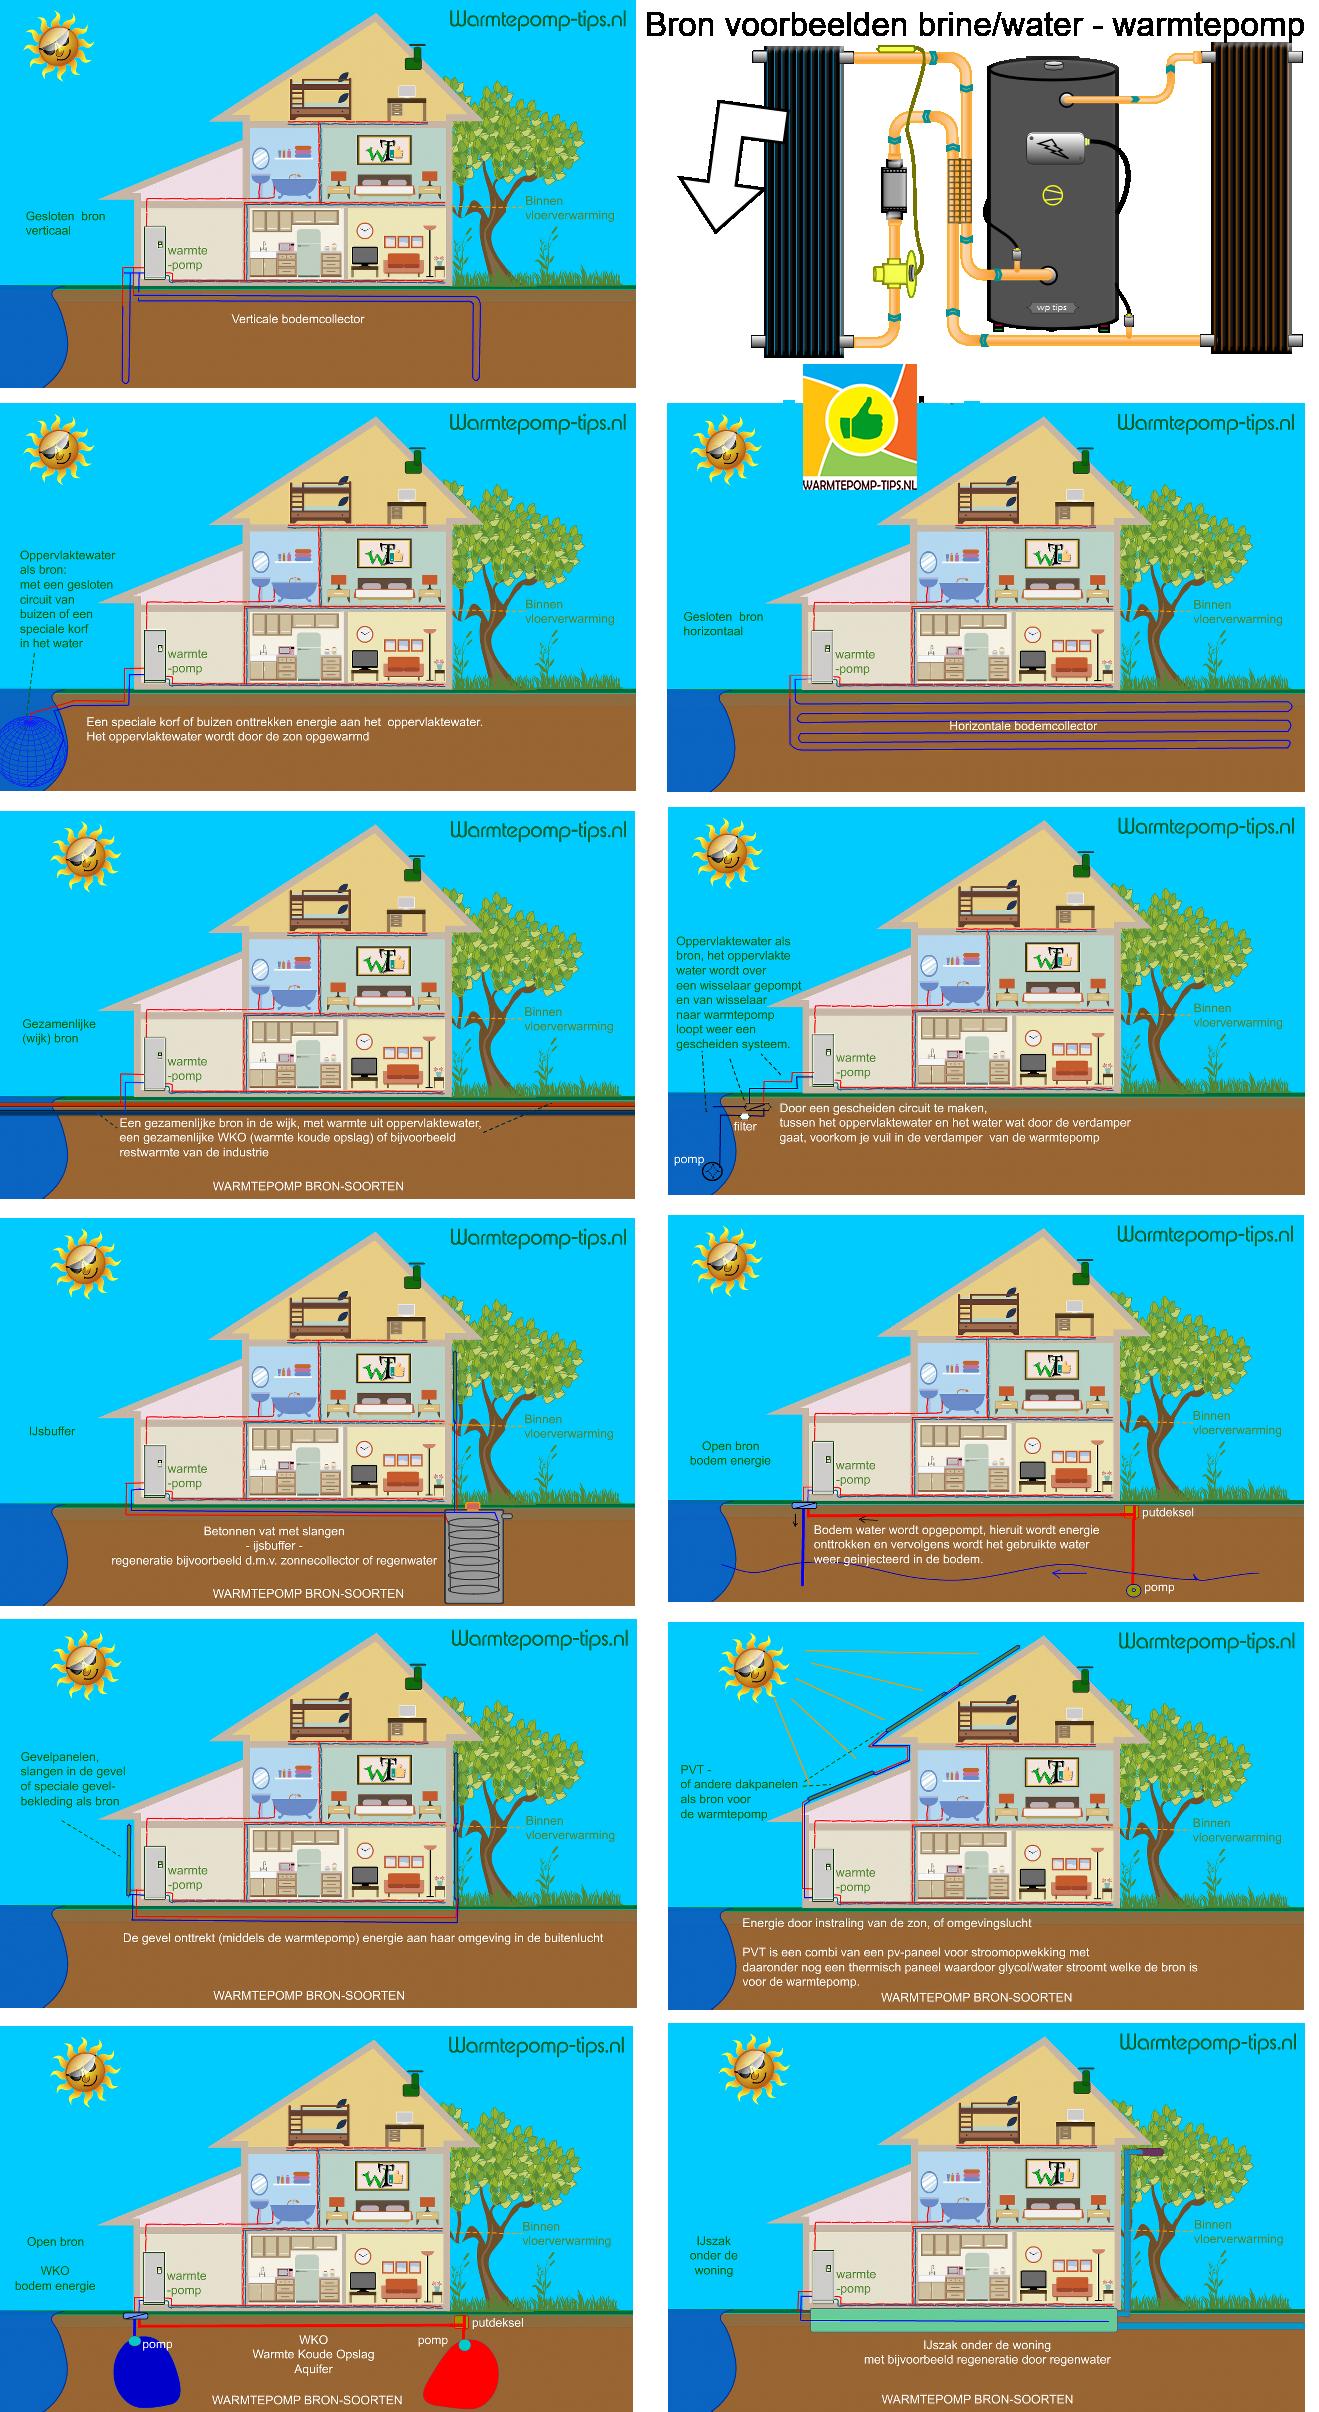 warmtepomp bron voorbeelden